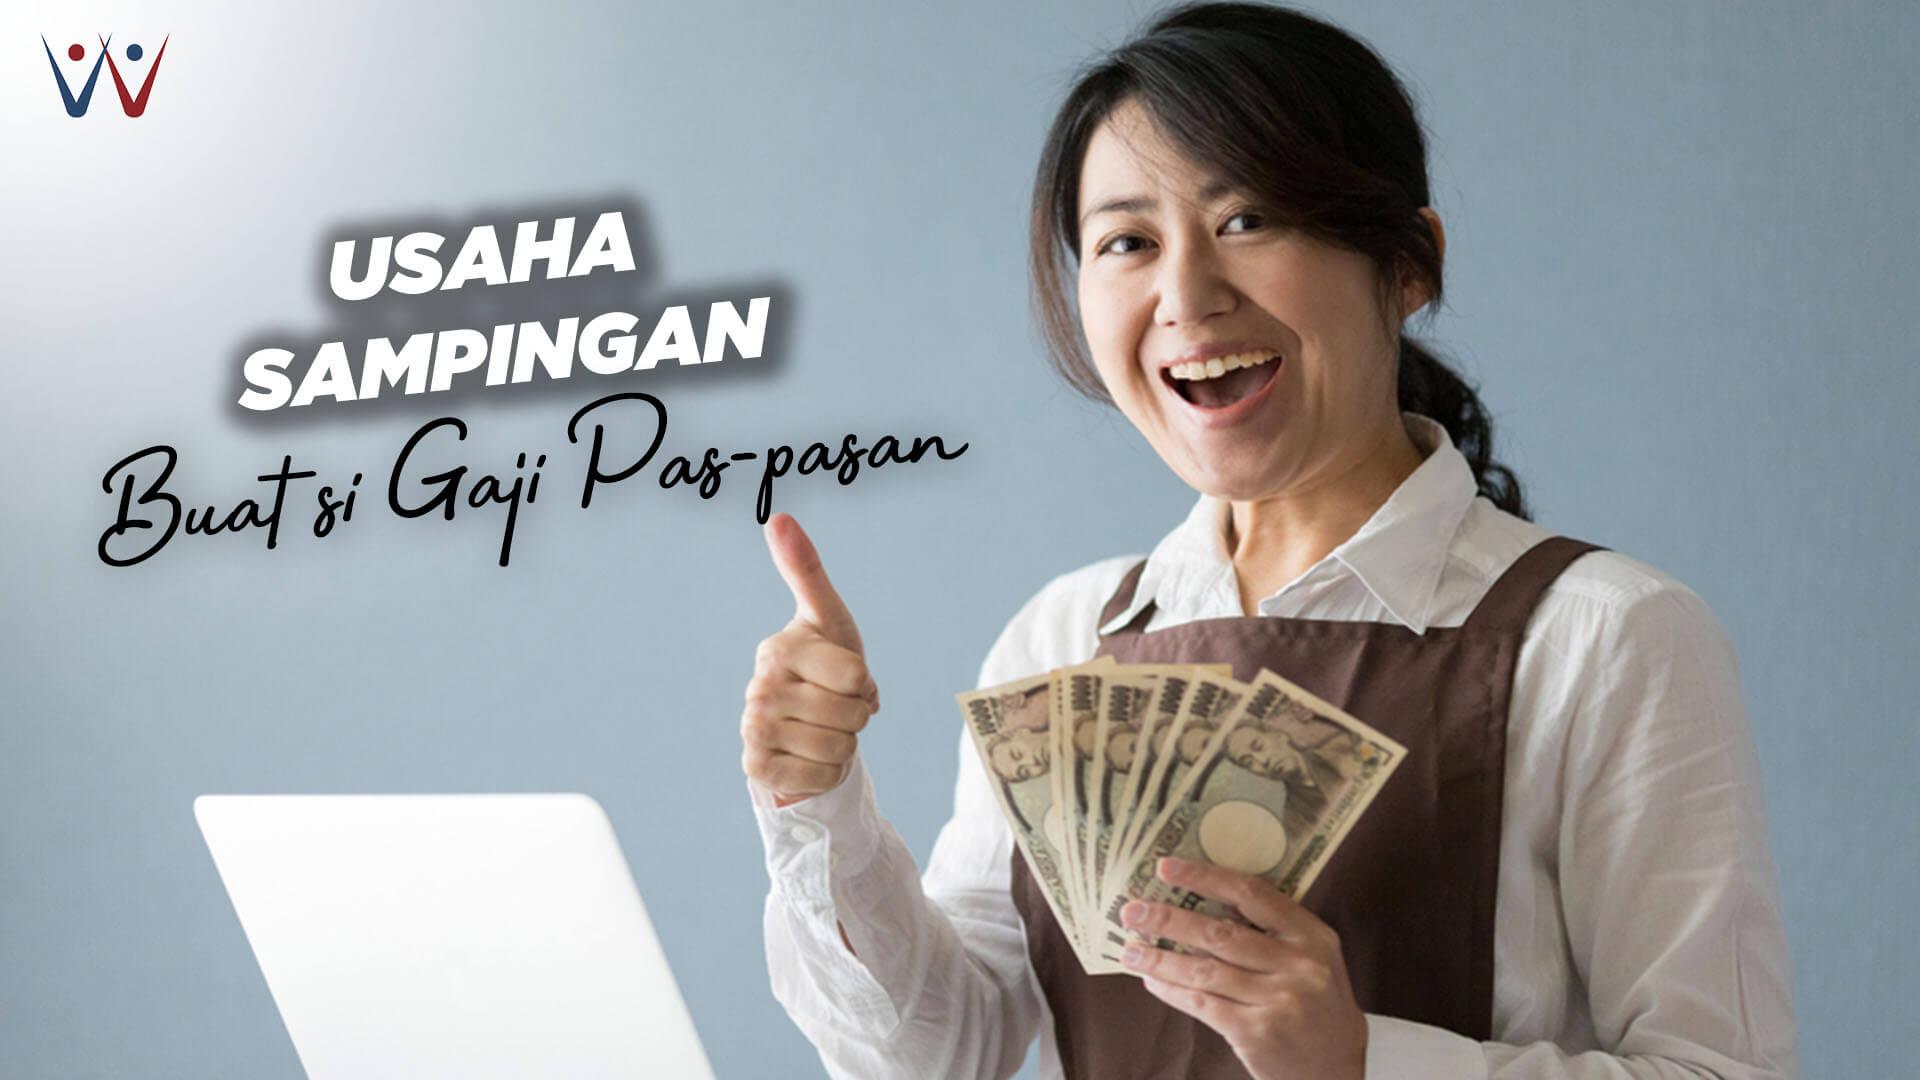 Usaha sampingan gaji pas-pasan (1)